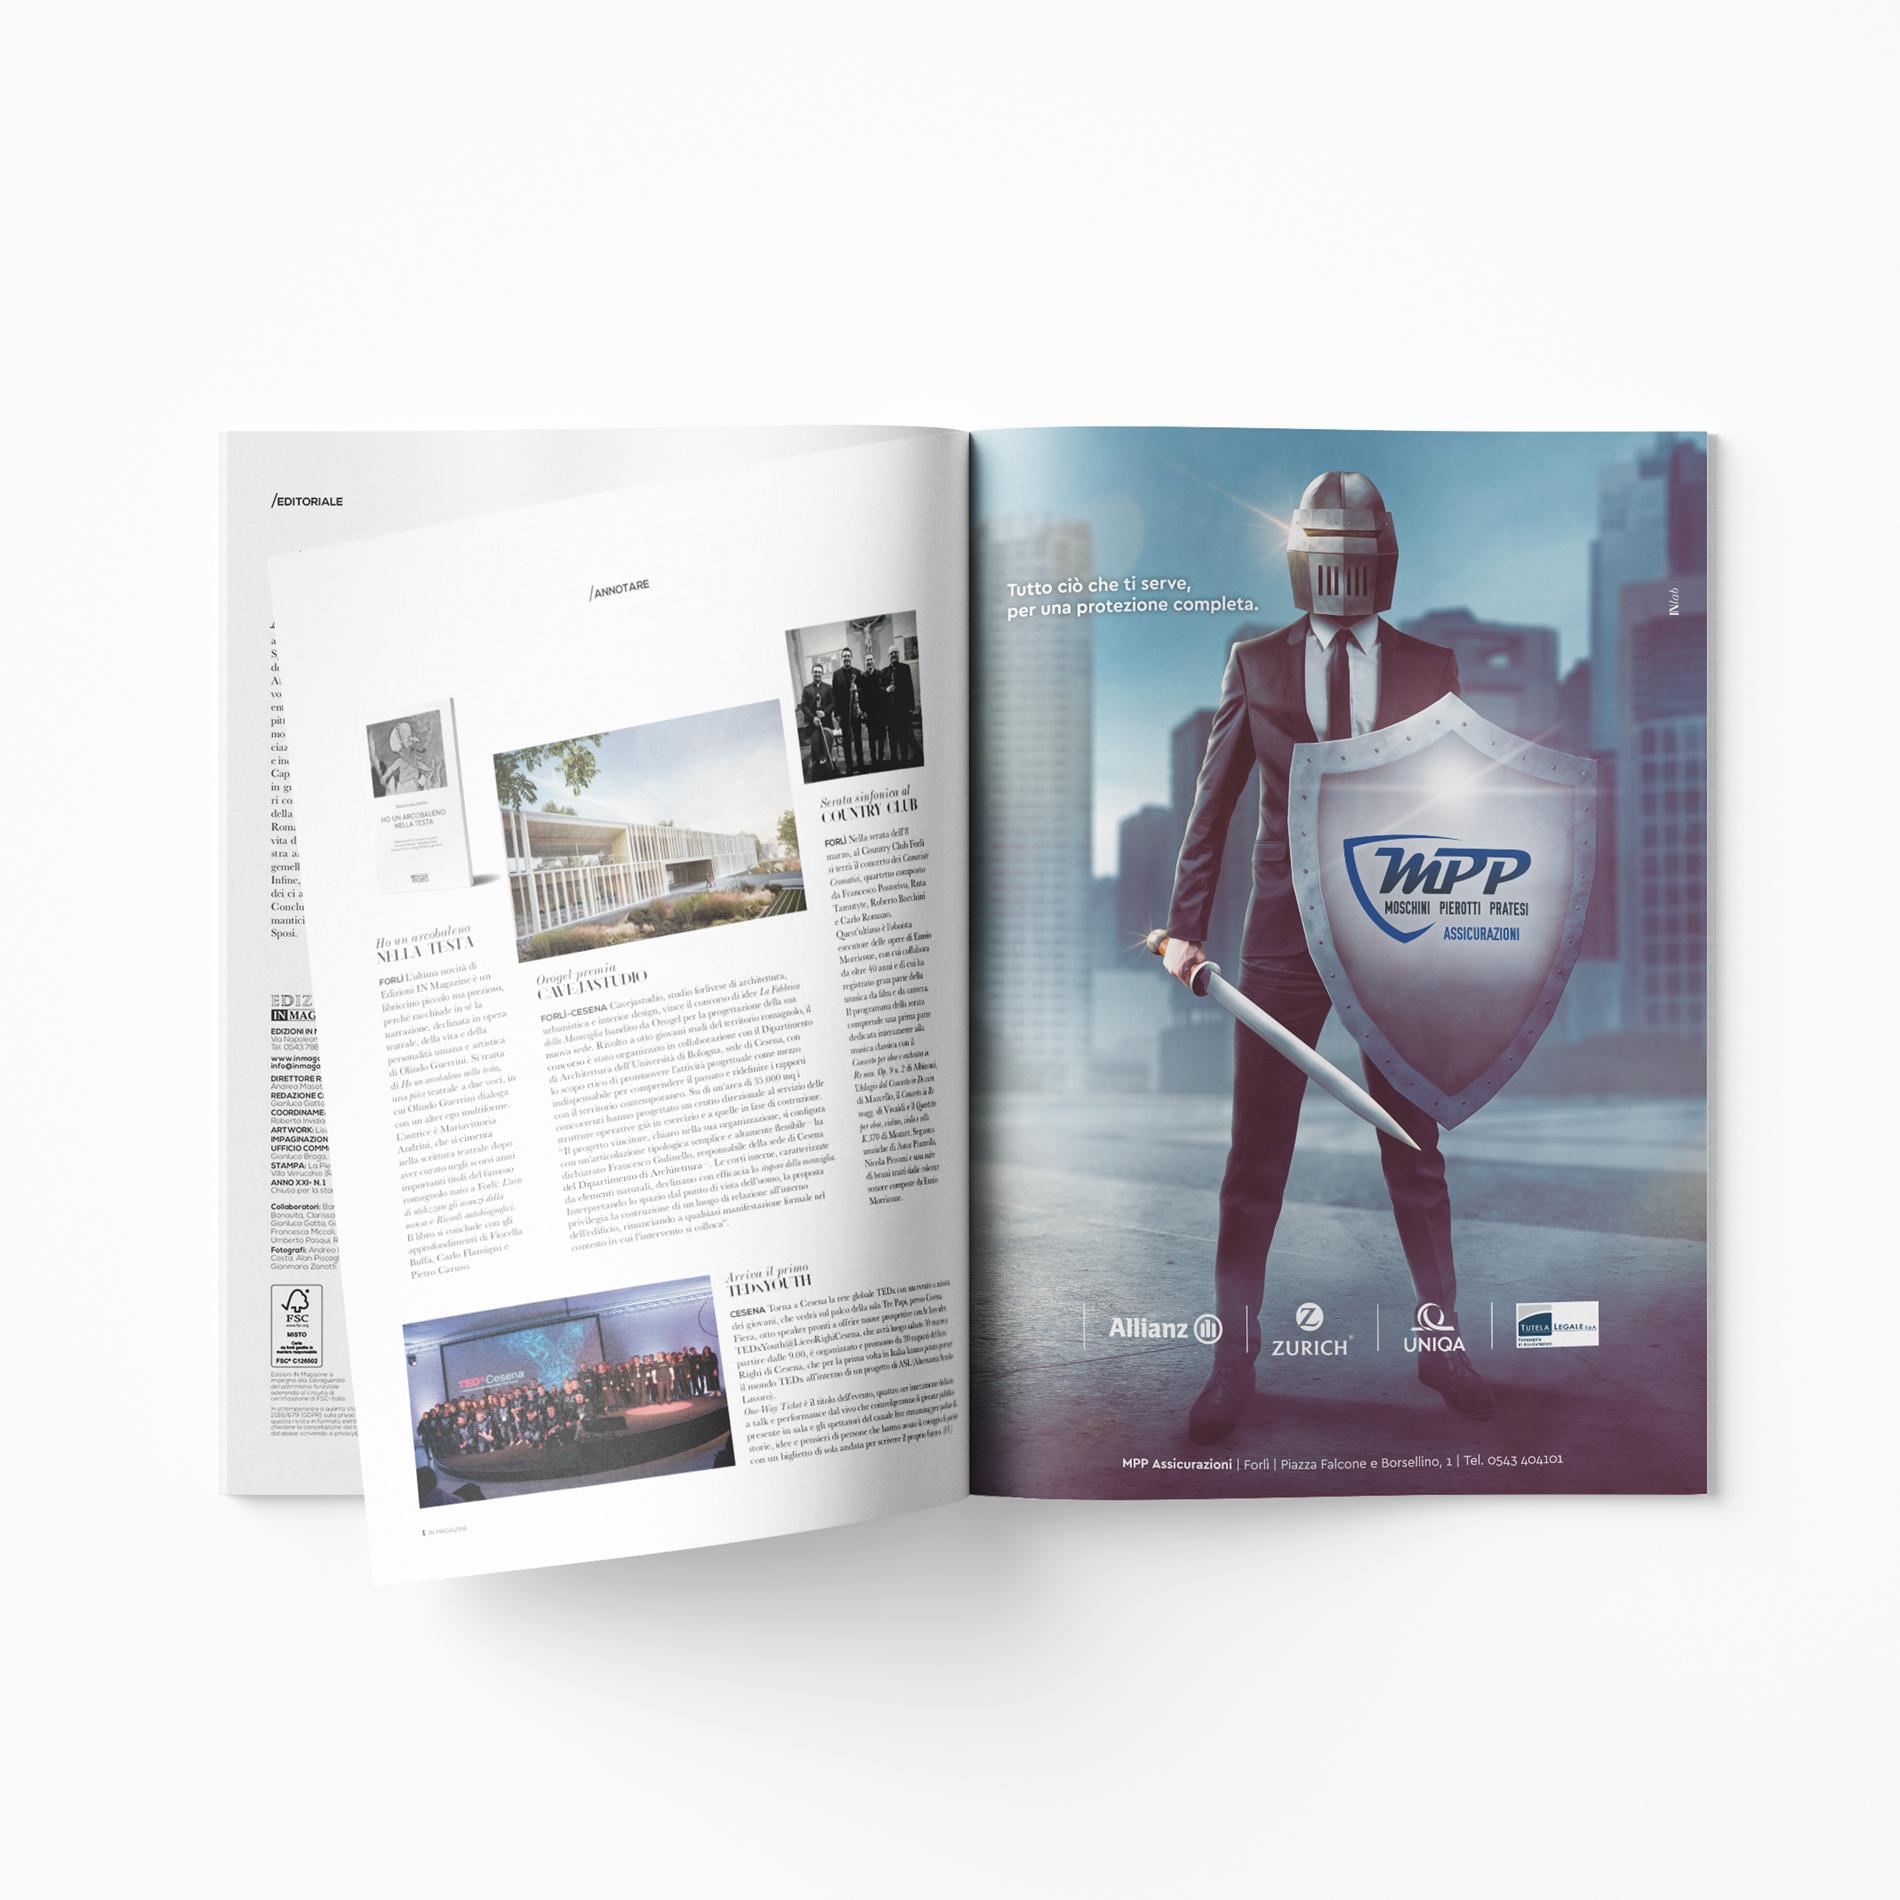 Pagina-ADV-MPP-Assicurazioni-Protezione-Completa